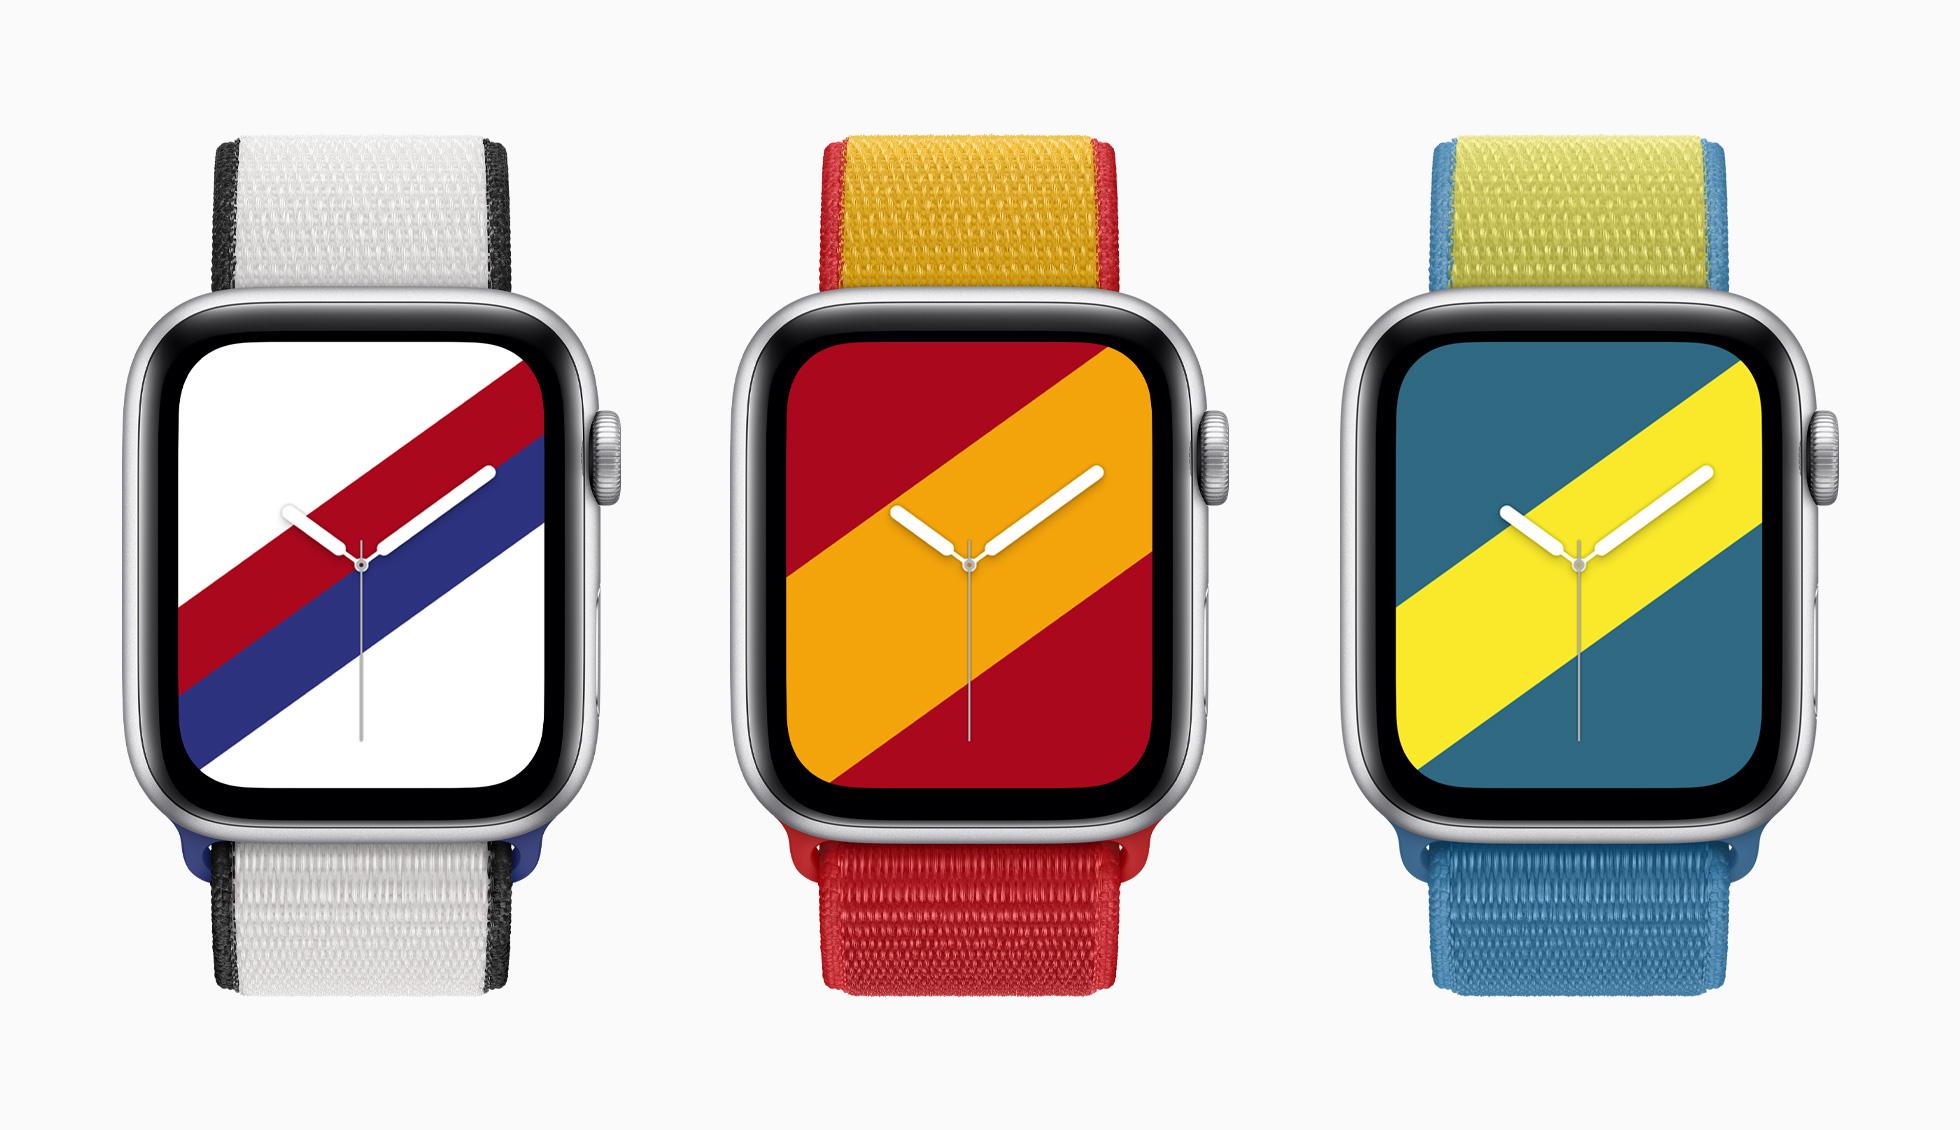 Correas para el Apple Watch basadas en los colores de las banderas de Corea del Sur, España y Suiza